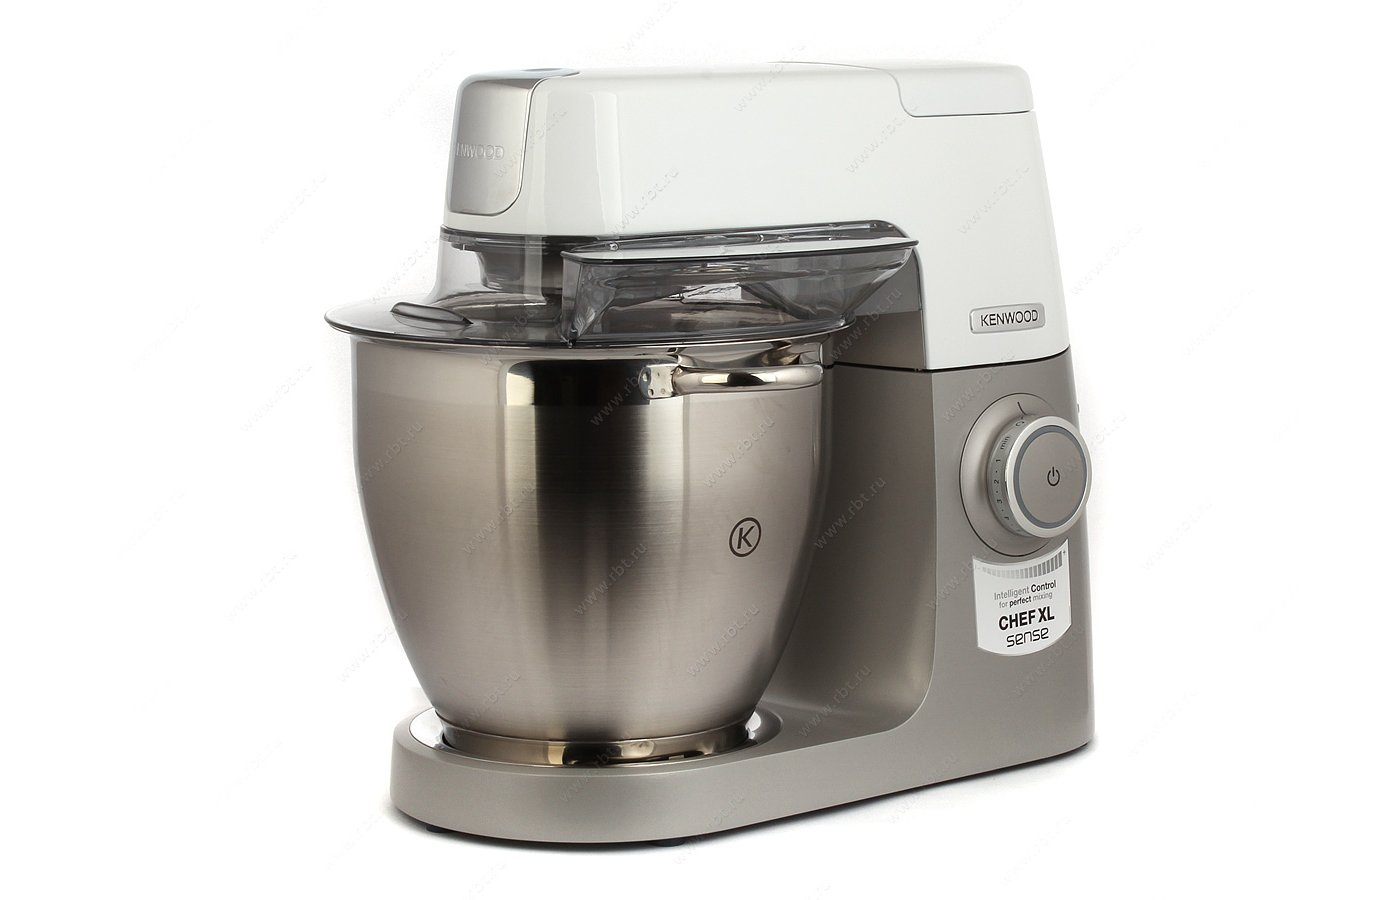 Кухонная машина KENWOOD KVL6030T